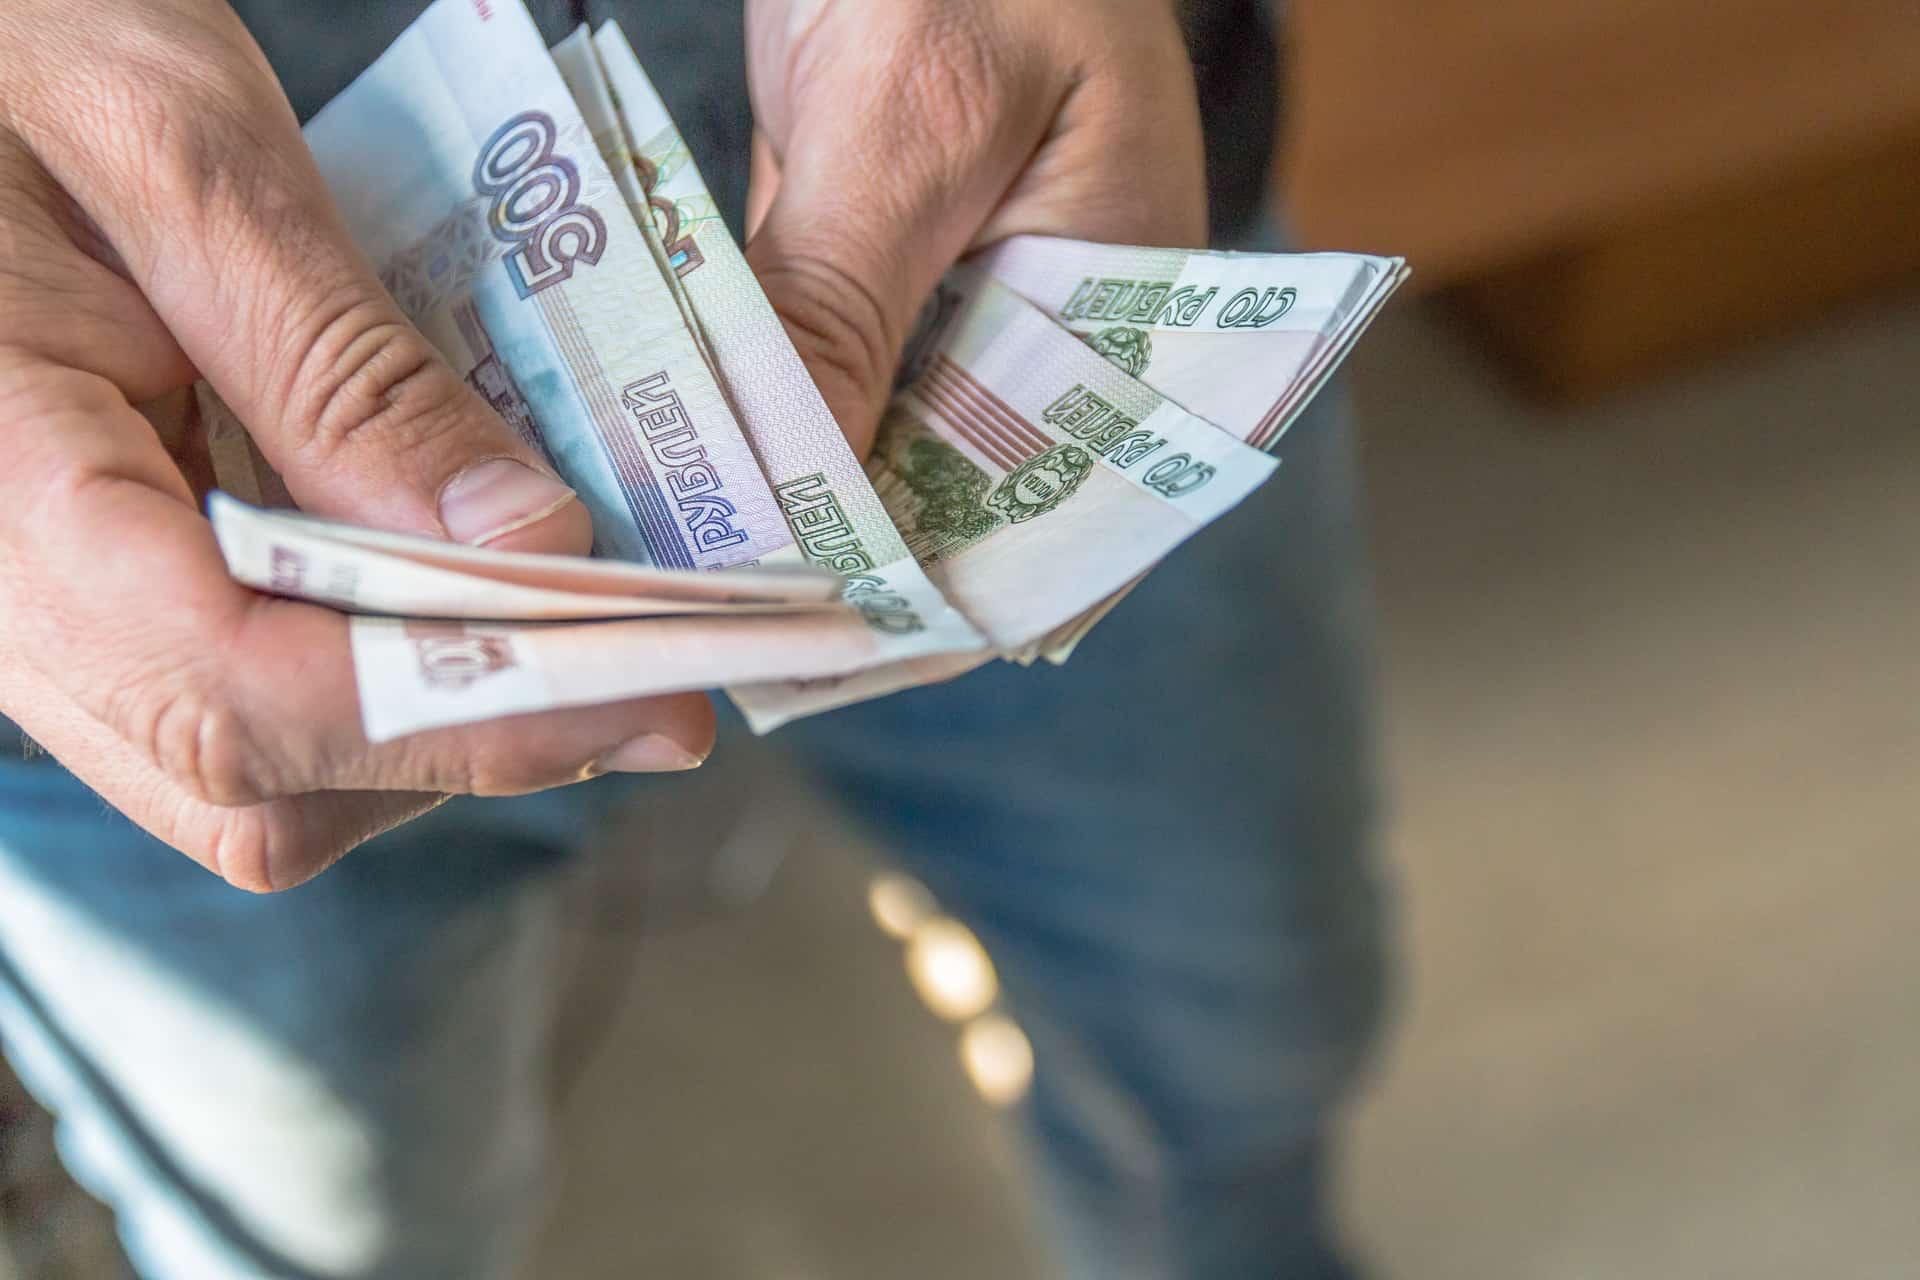 Займ безработным на карту без отказа (14 шт) — взять деньги в долг онлайн наличными без проверки мгновенно и круглосуточно